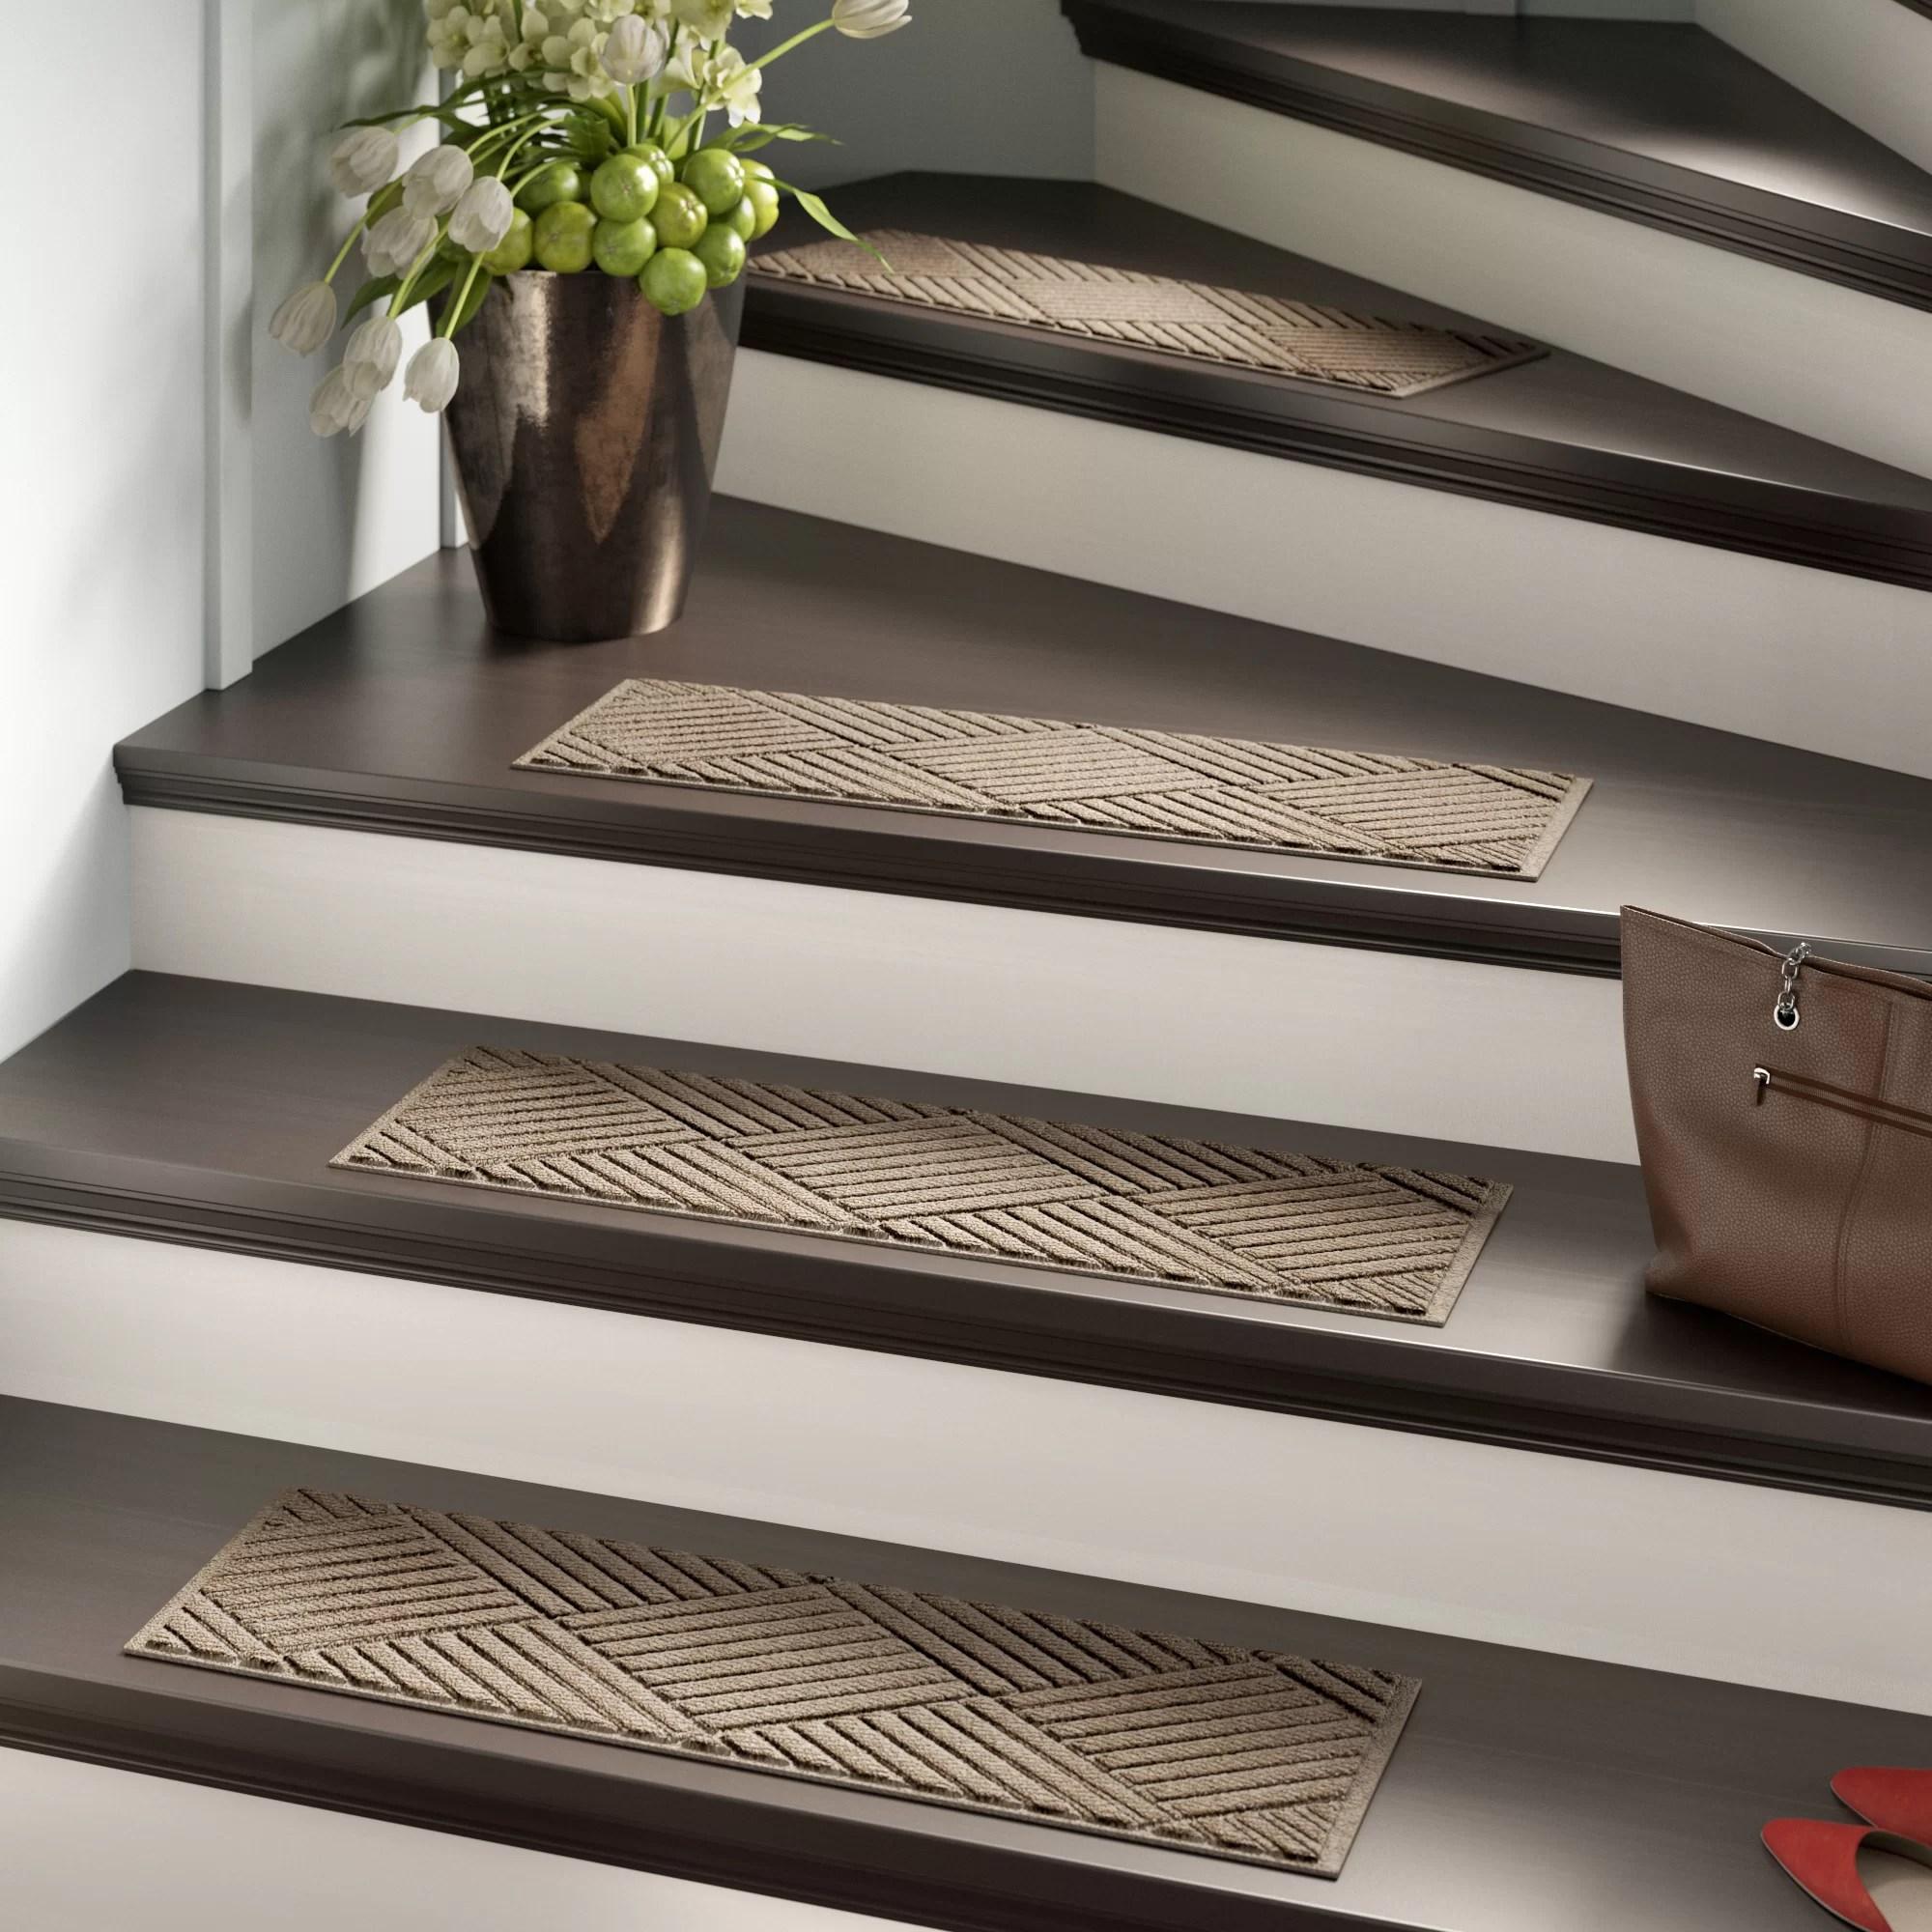 Stair Tread Rugs You Ll Love In 2020 Wayfair | Low Pile Carpet For Stairs | Laminate | Unusual | Looped | Antelope | Bedroom